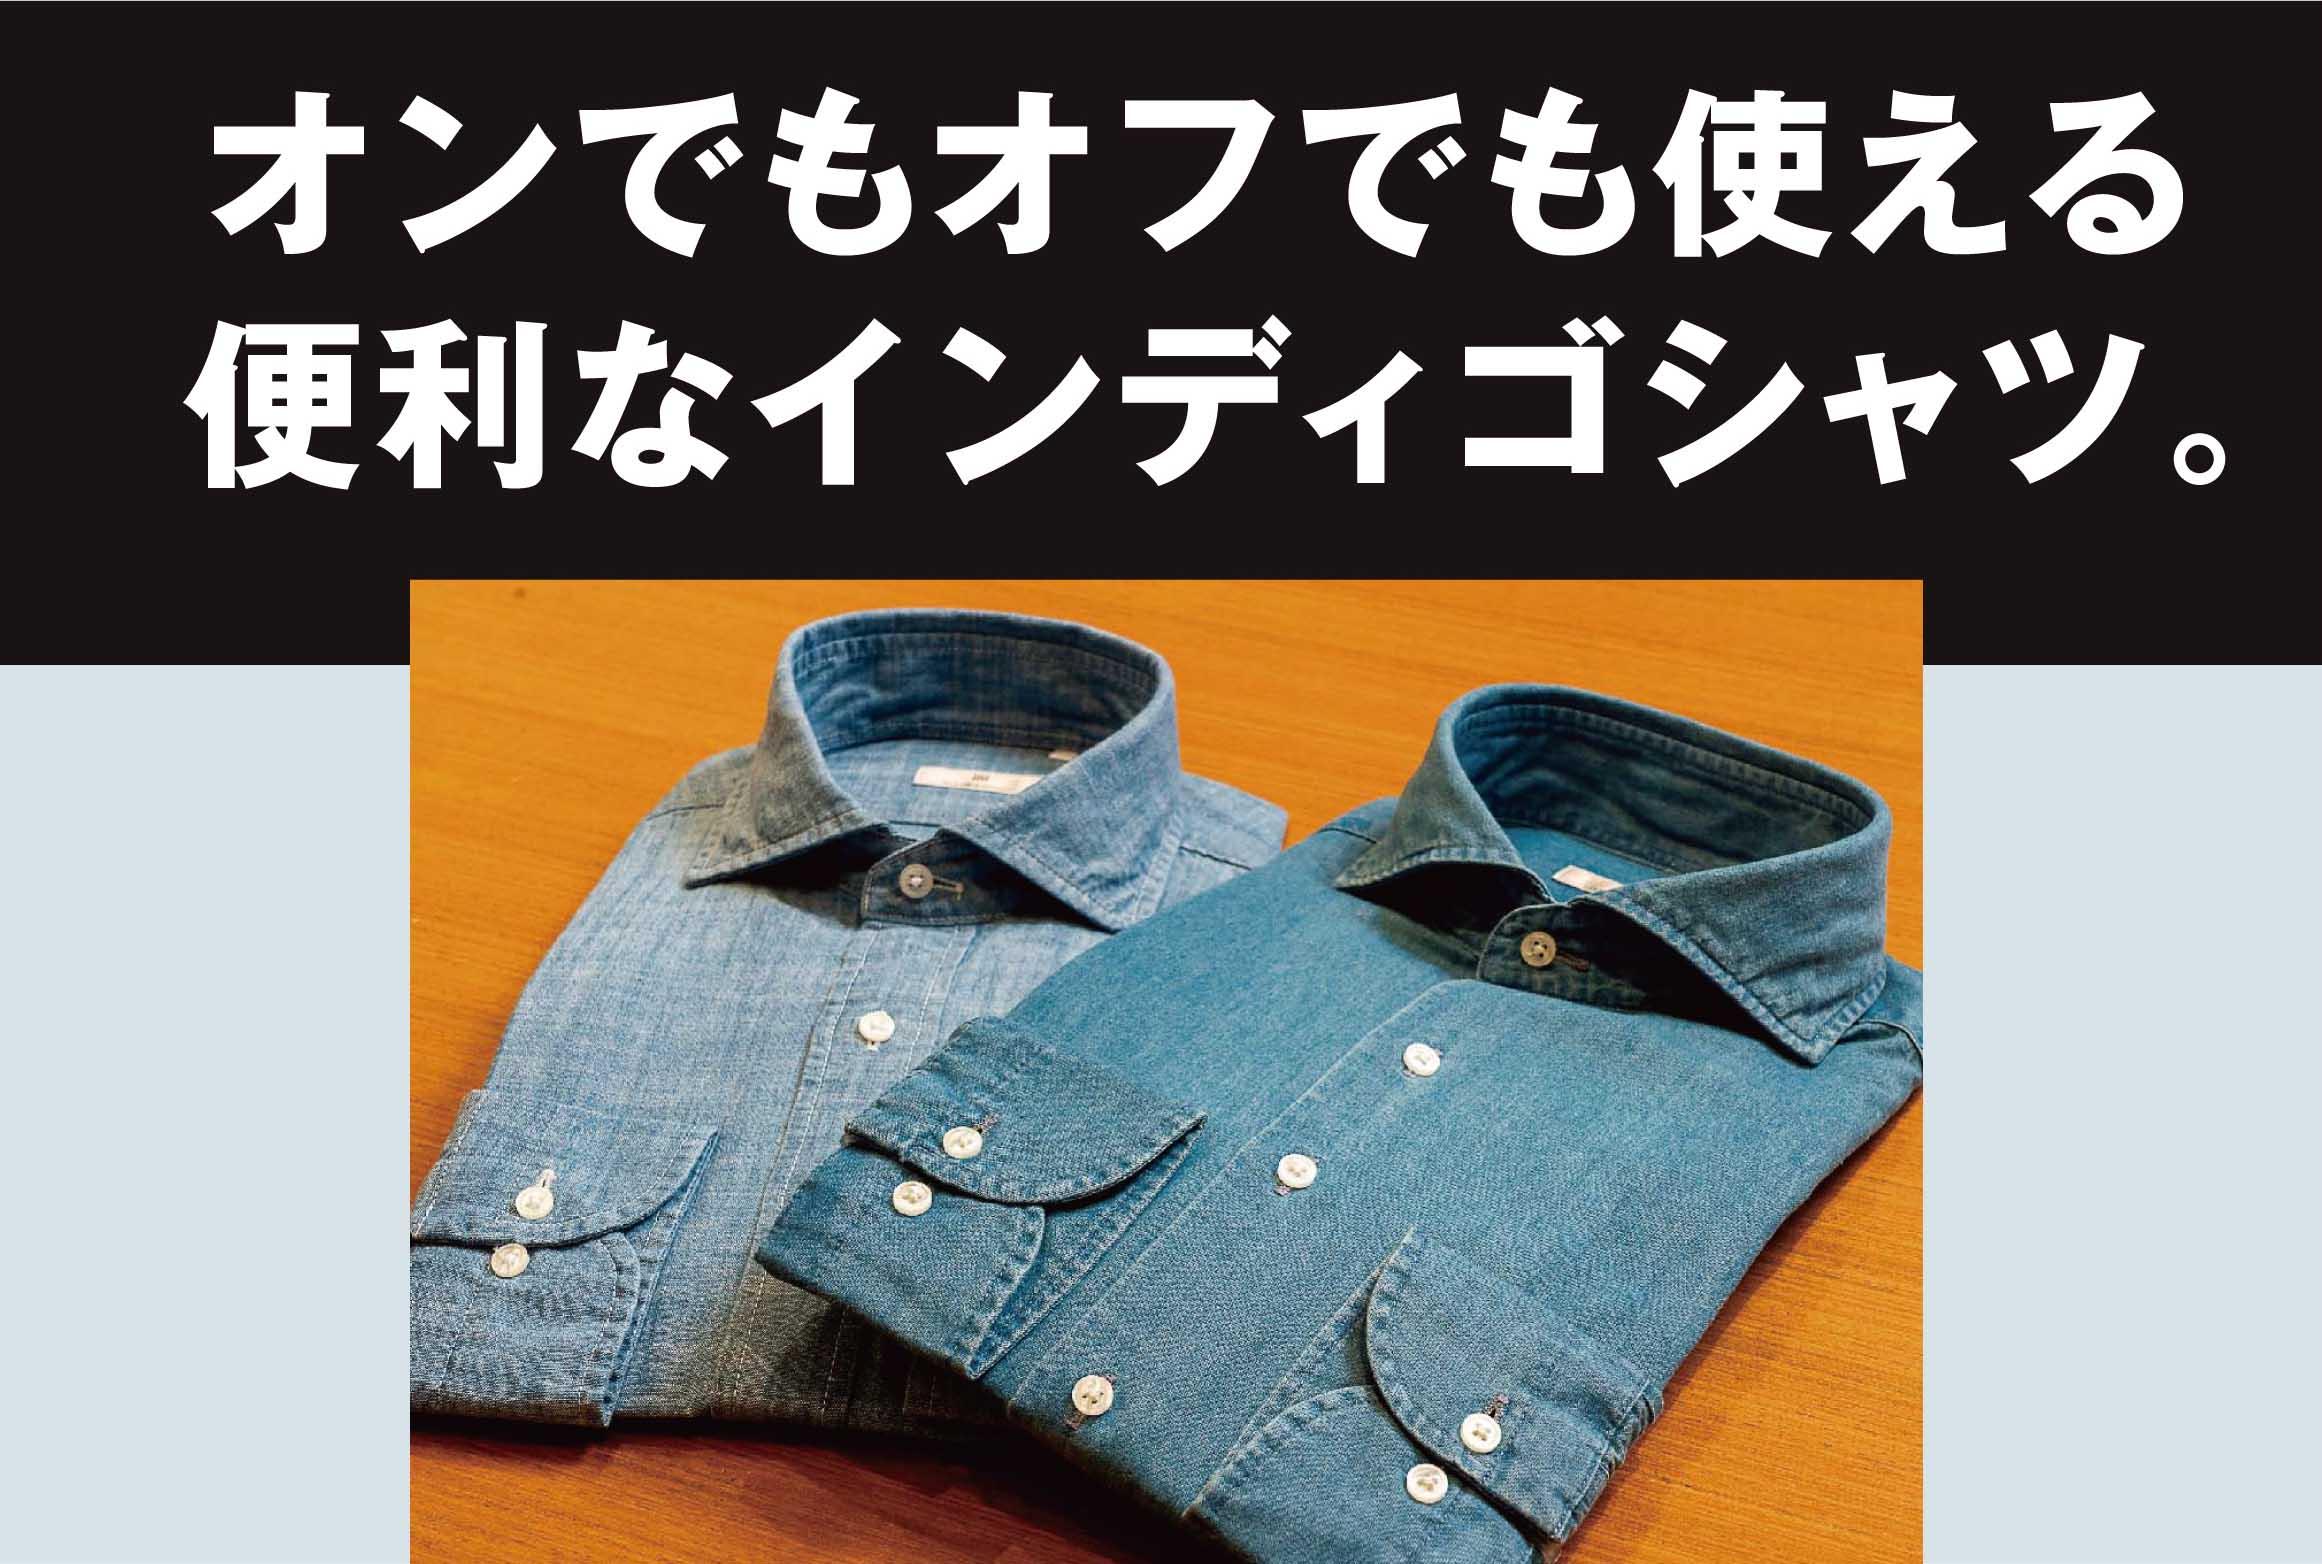 オンでもオフでも使える便利なインディゴシャツ。 - ワイズデジタル【タイで生活する人のための情報サイト】